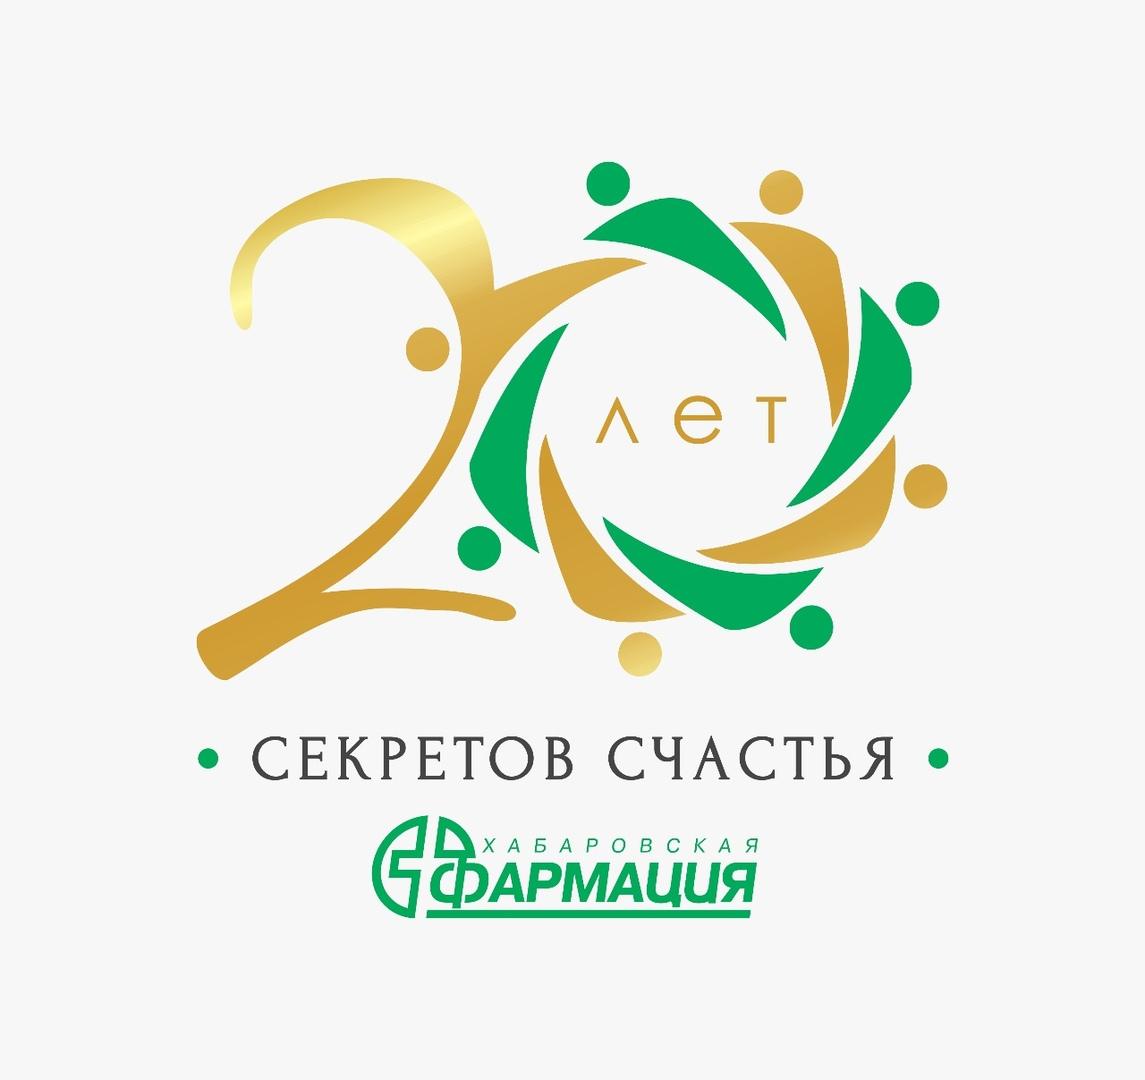 Ооо компания хабаровская фармация официальный сайт первая стоматологическая компания тольятти официальный сайт